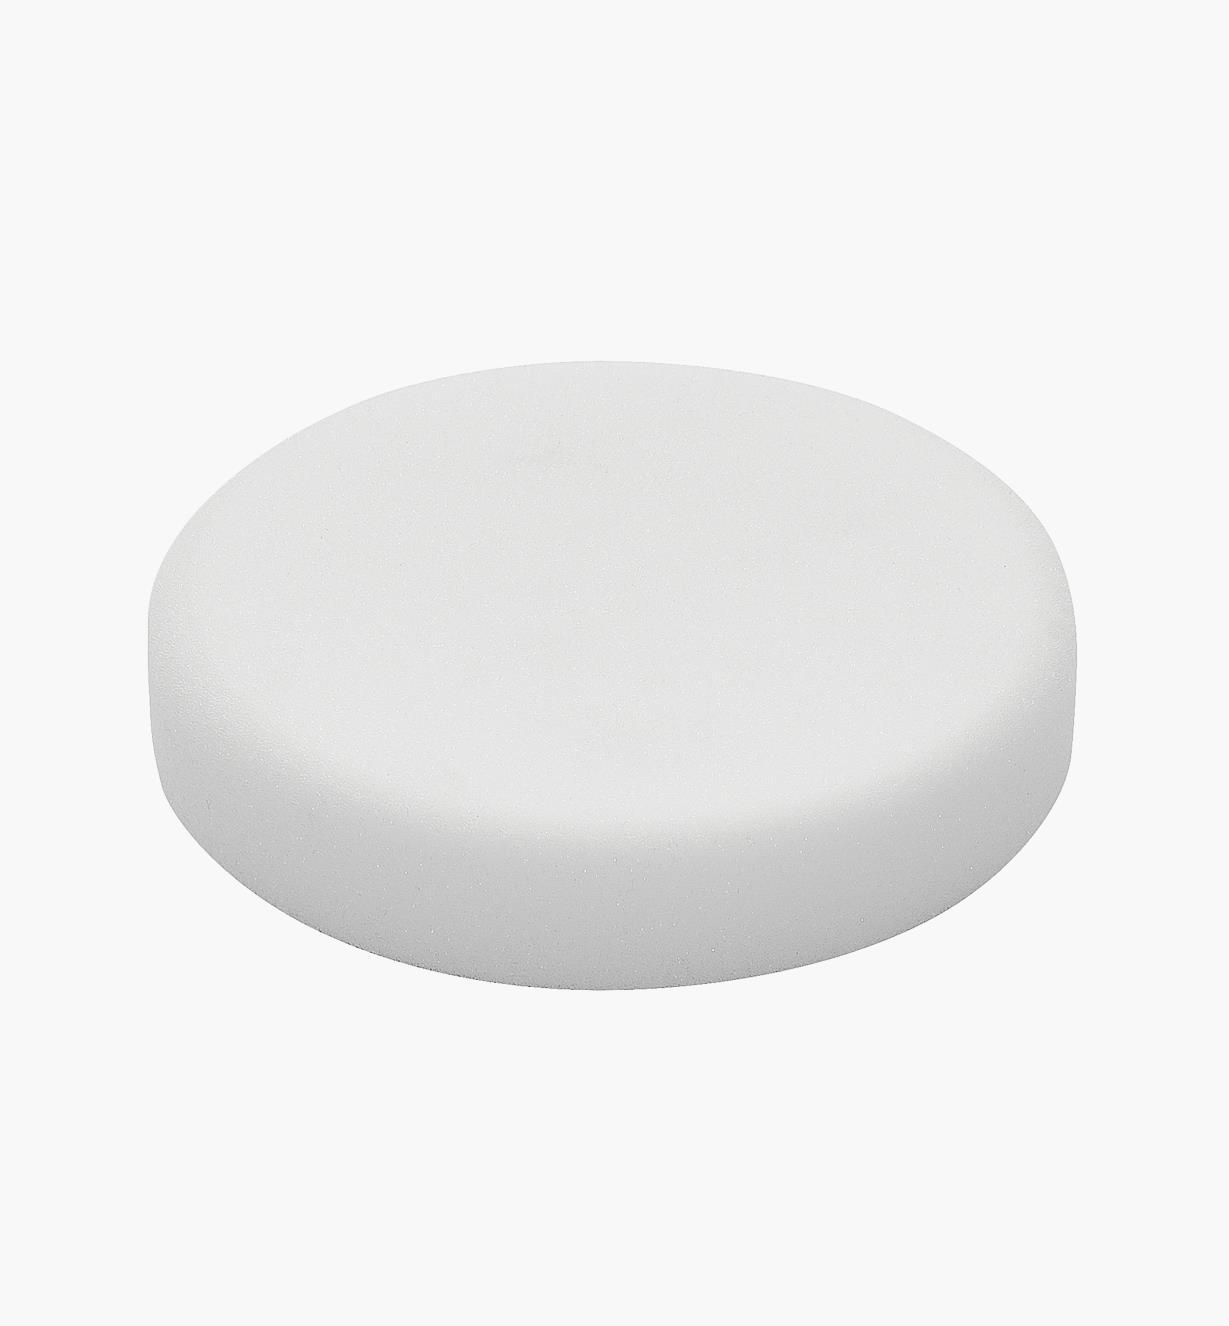 Éponge de polissage blanc de 80 mm